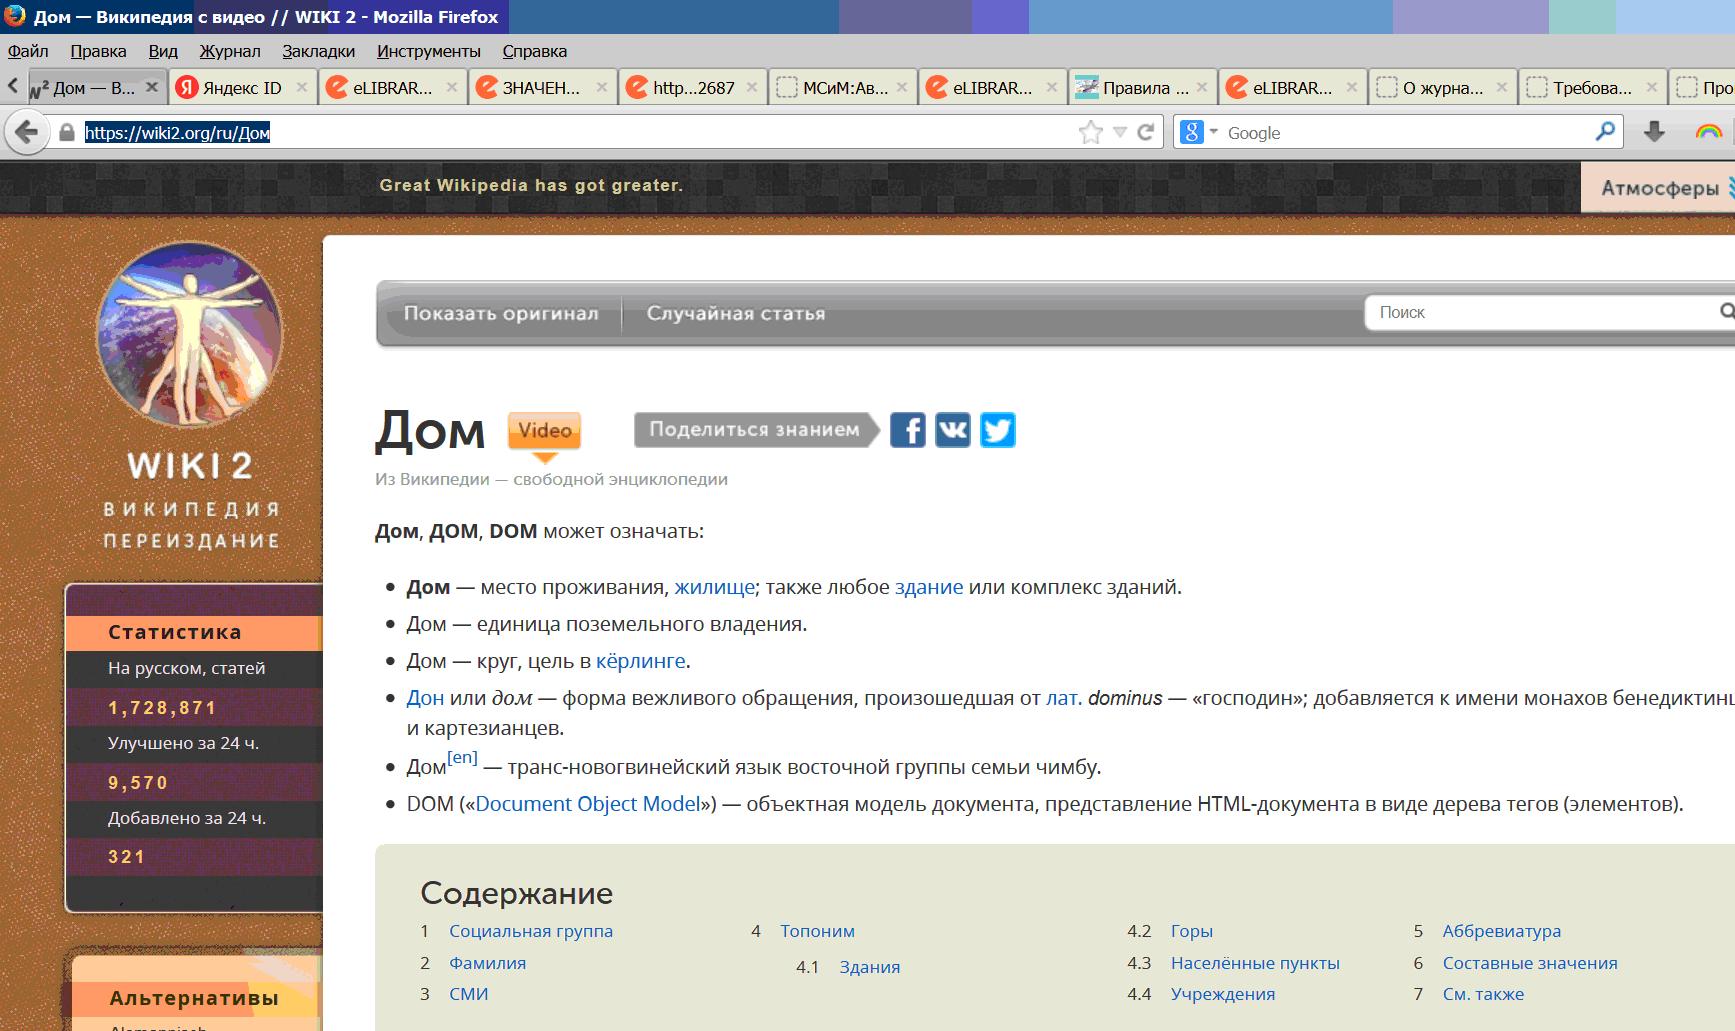 Страница wiki2 открывается без проблем, да и лучше она по качеству, чем аналогичная страница в Википедии